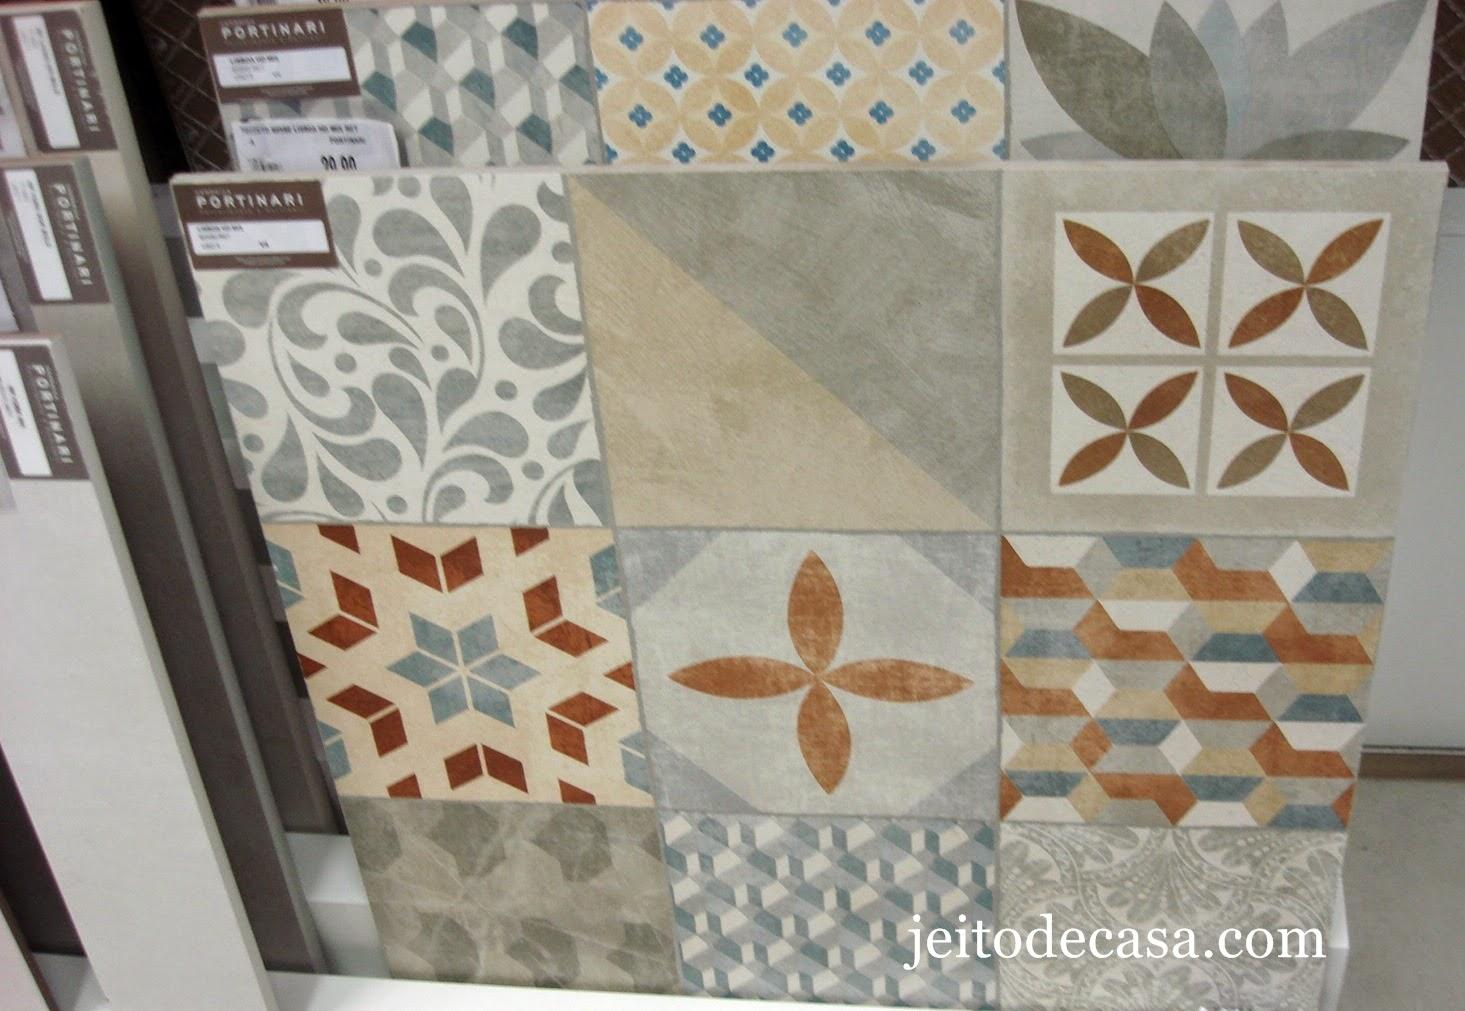 #6F4732 Porcelanatos com estampa de ladrilhos: Portobello Portinari Eliane e  1465x1011 px Banheiros Decorados Com Porcelanato Portinari 1099